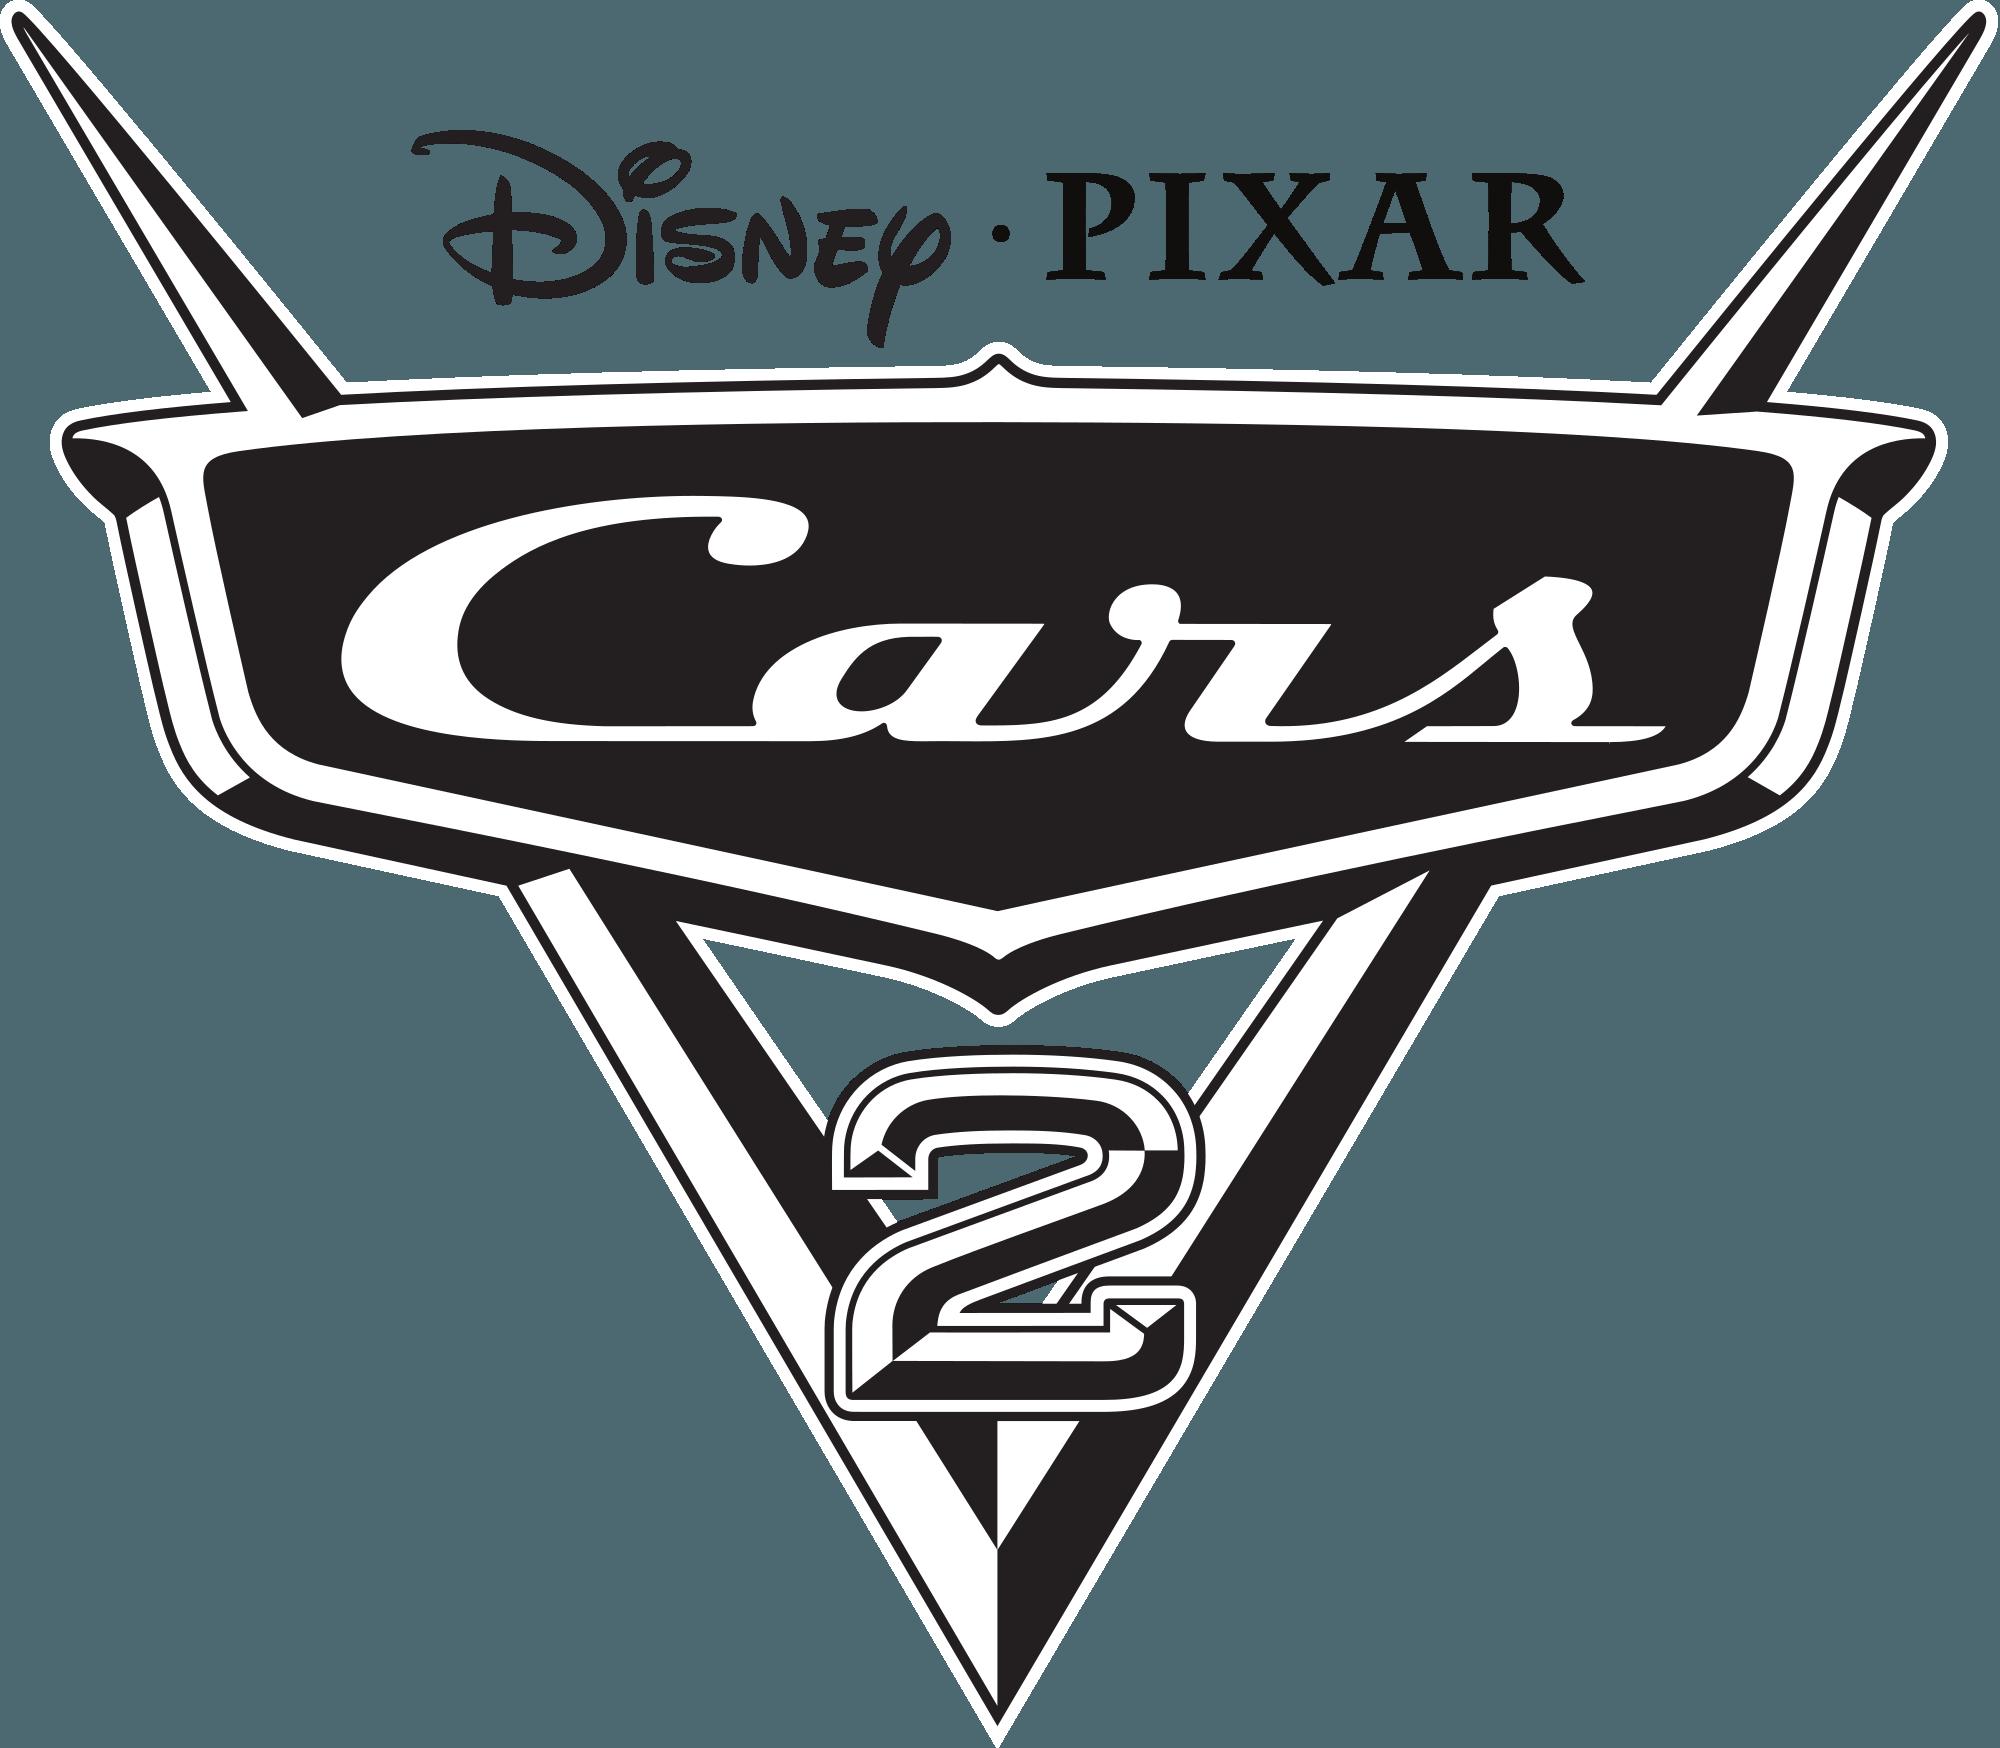 Cars 2 Movie Logo Logodix